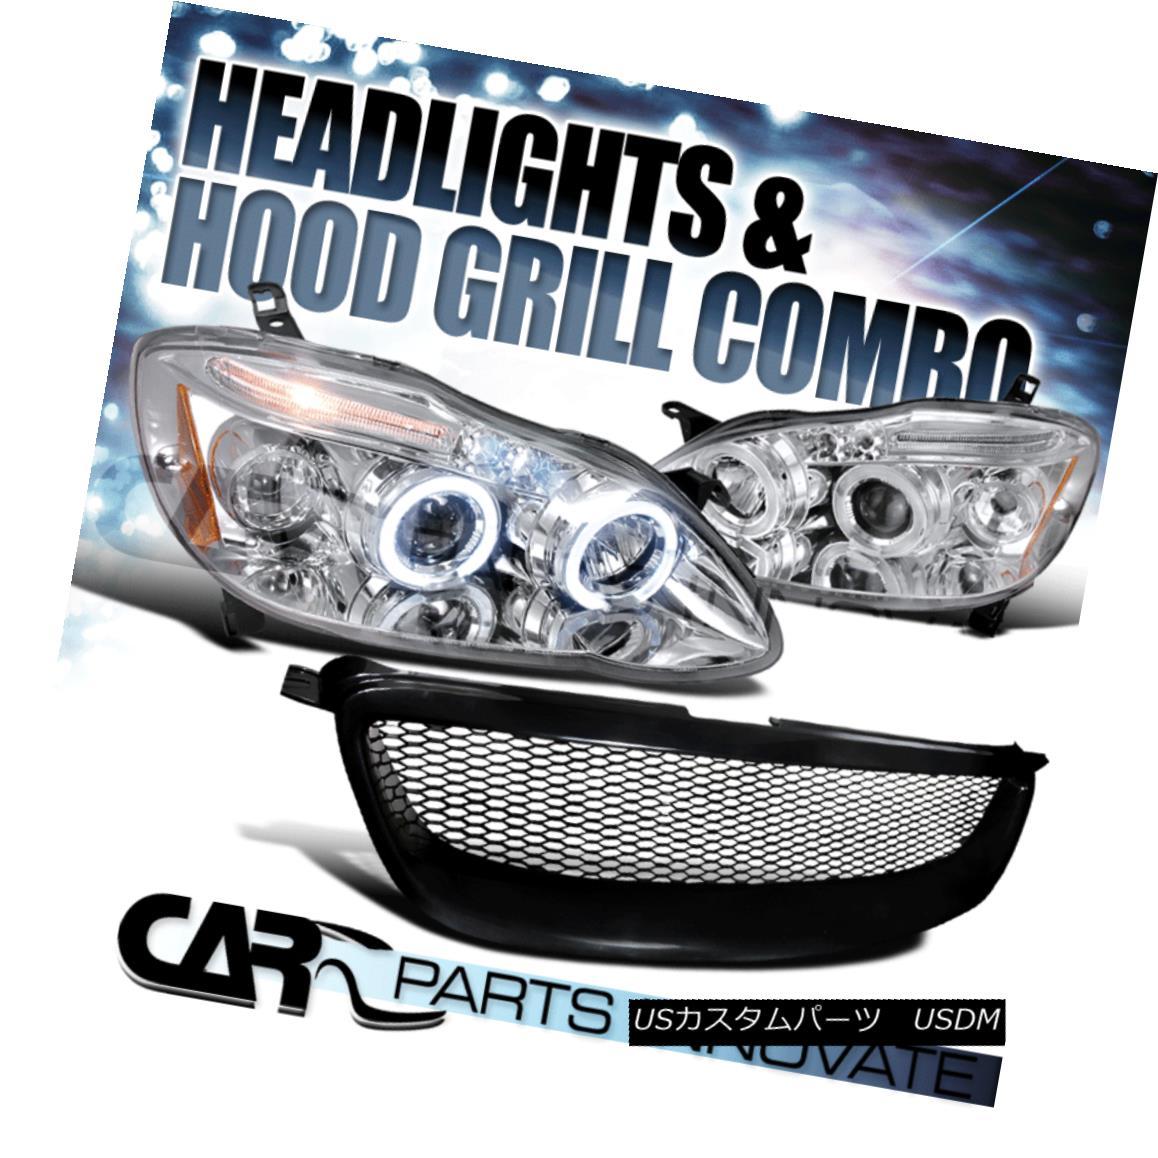 グリル Fit 03-08 Toyota Corolla Clear LED Projector Headlights Lamps+Mesh Hood Grille フィット03-08トヨタカローラクリアLEDプロジェクターヘッドライトランプ+メッシュフードグリル